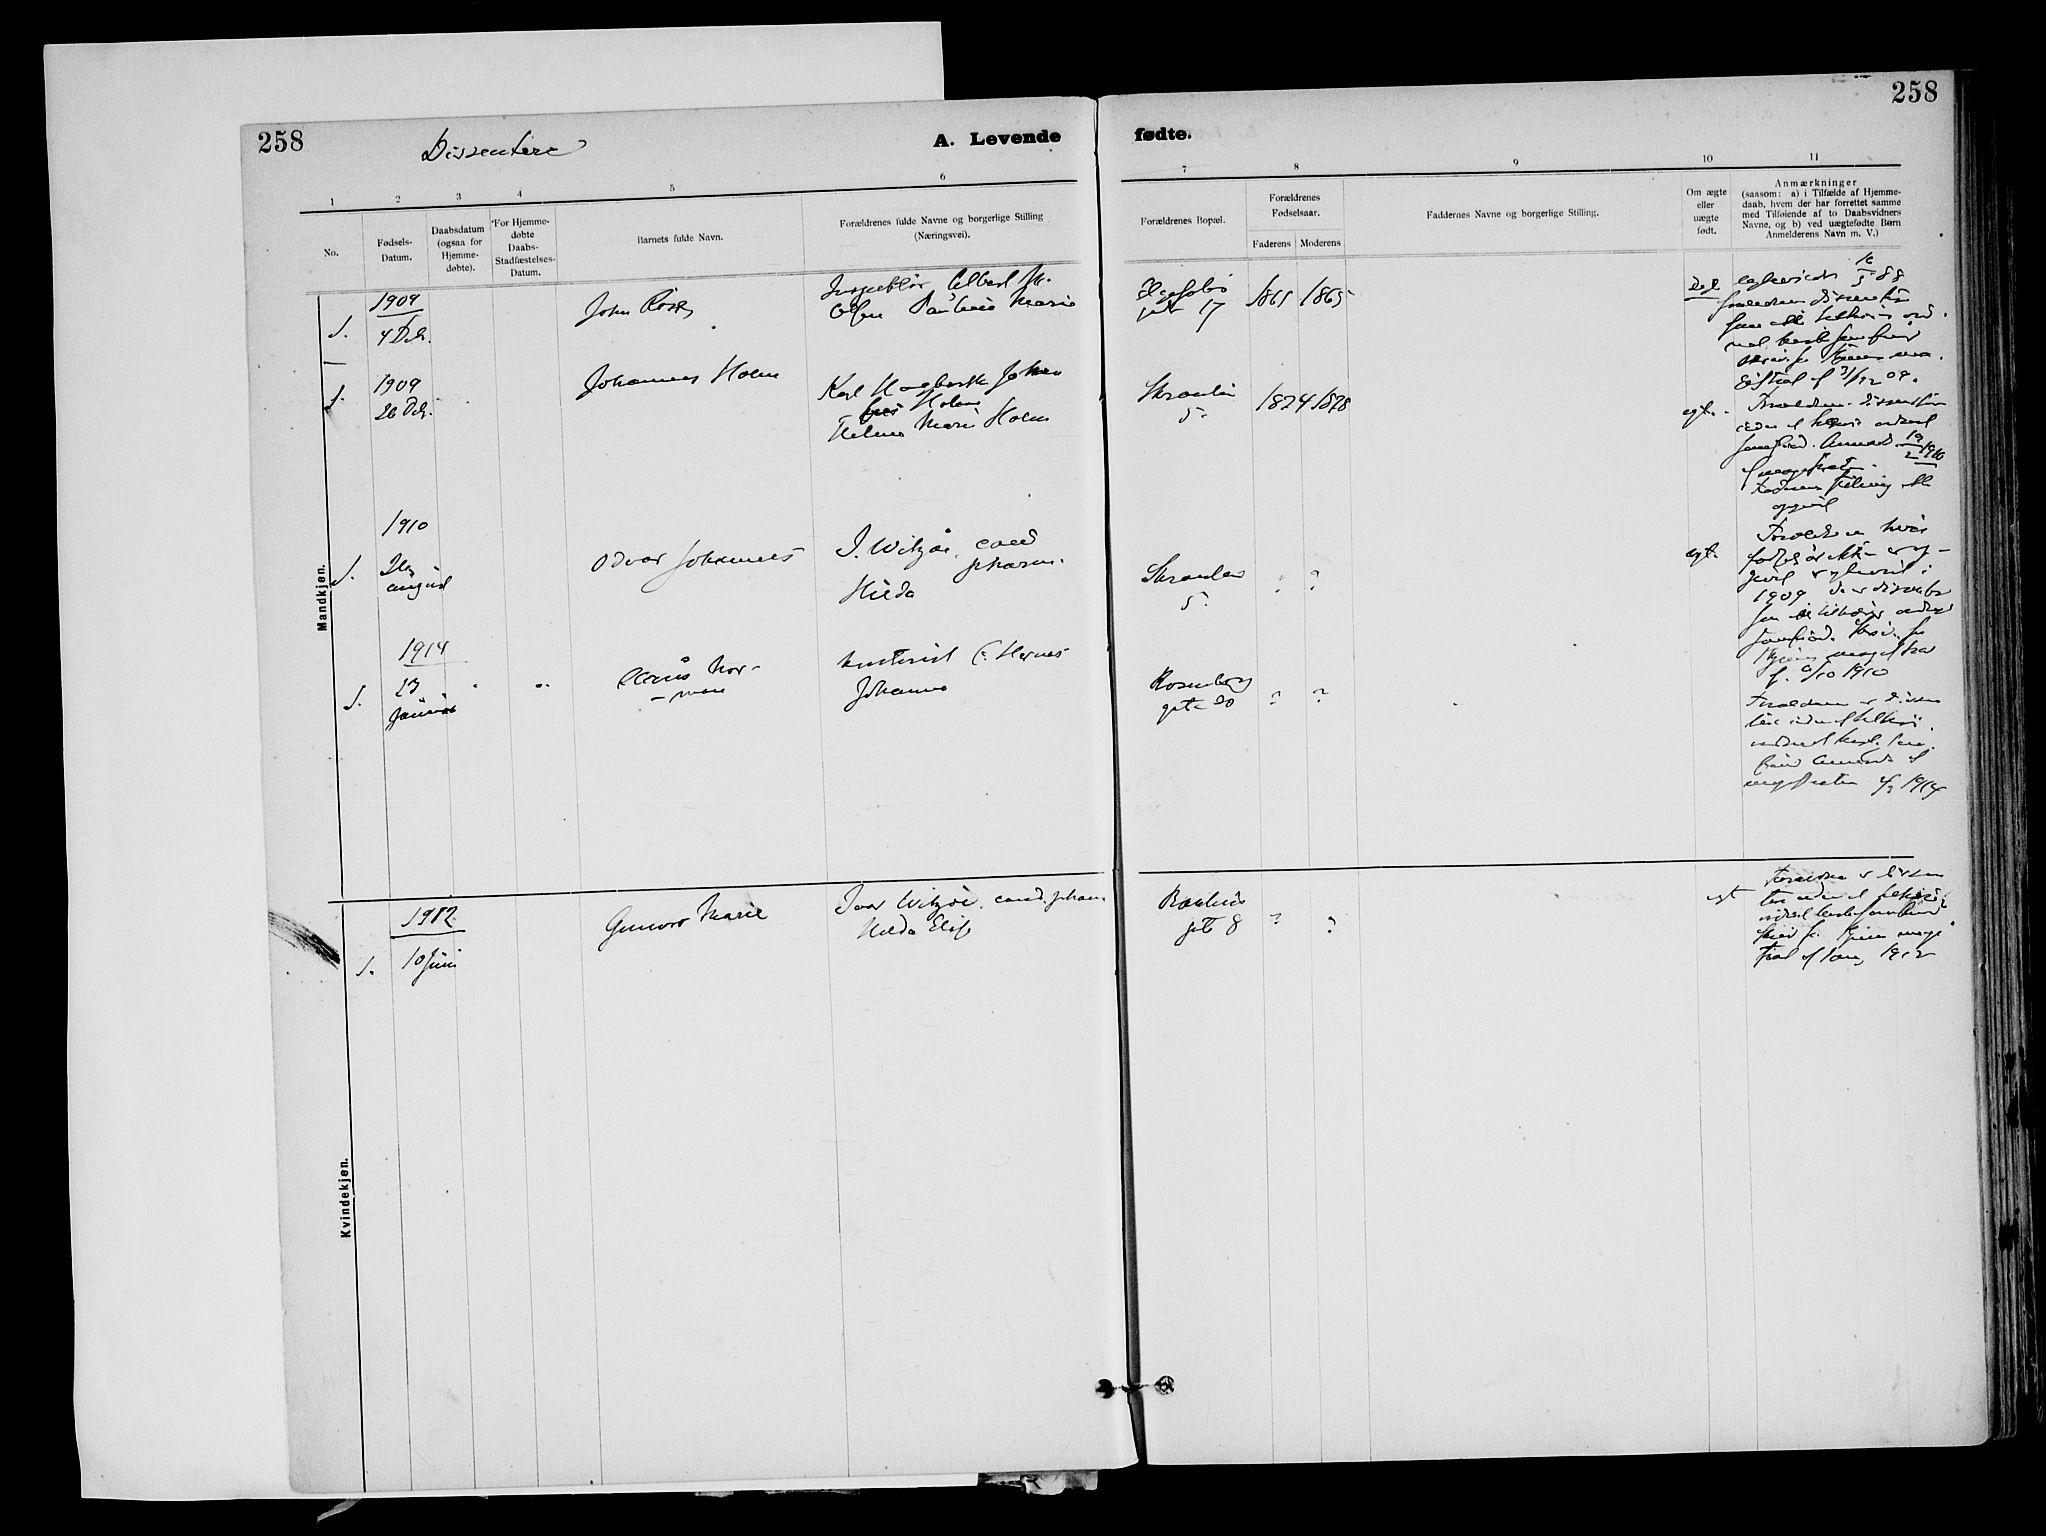 SAT, Ministerialprotokoller, klokkerbøker og fødselsregistre - Sør-Trøndelag, 604/L0203: Ministerialbok nr. 604A23, 1908-1916, s. 258